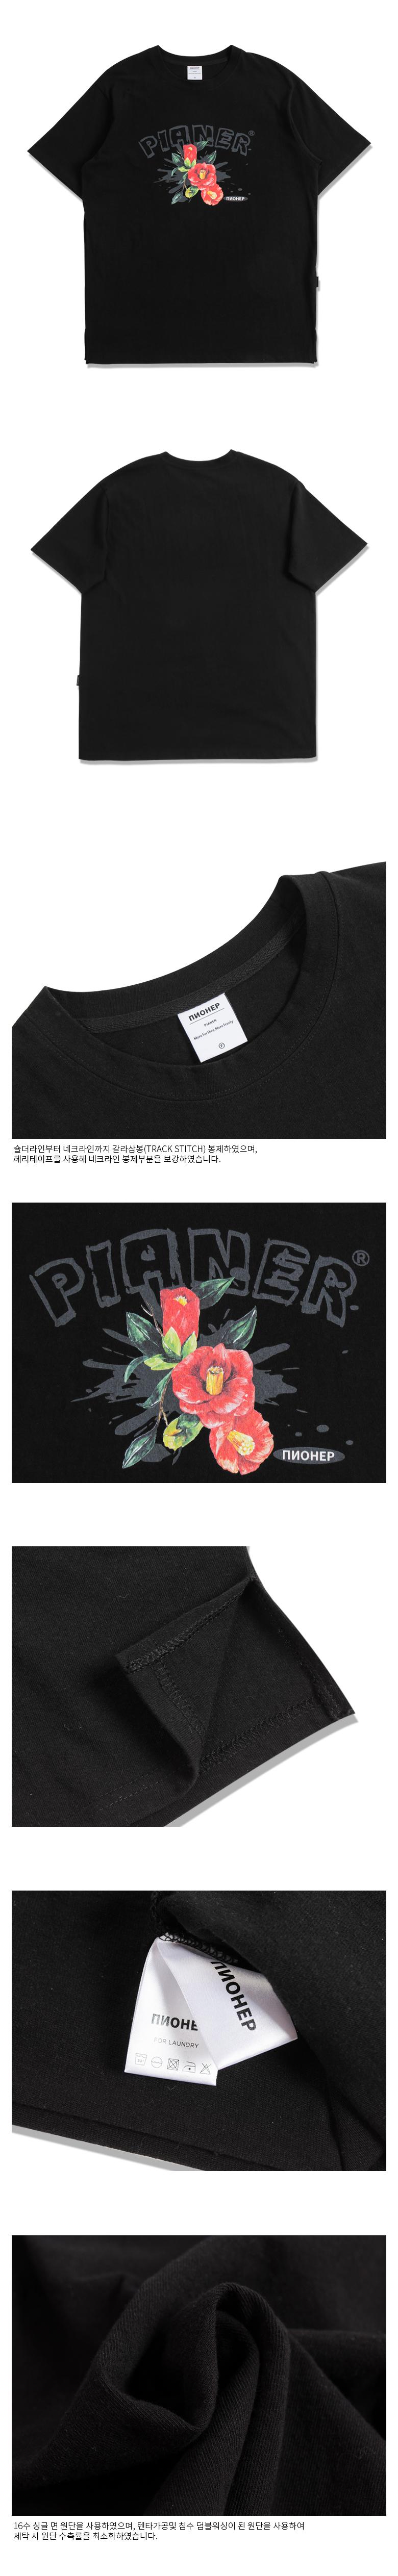 page2_black.jpg